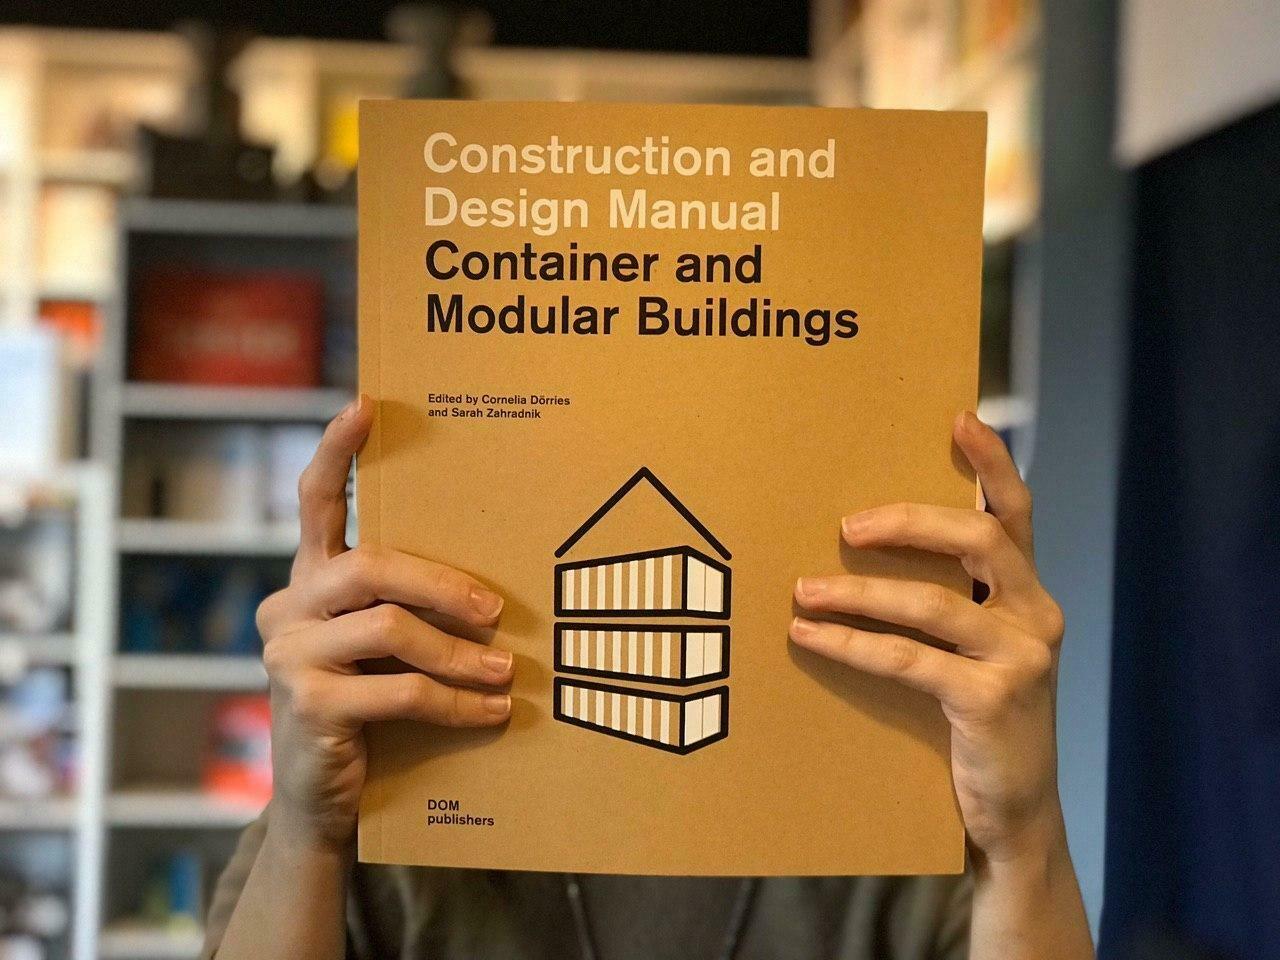 Модульные здания и дома из контейнеров (Английский)